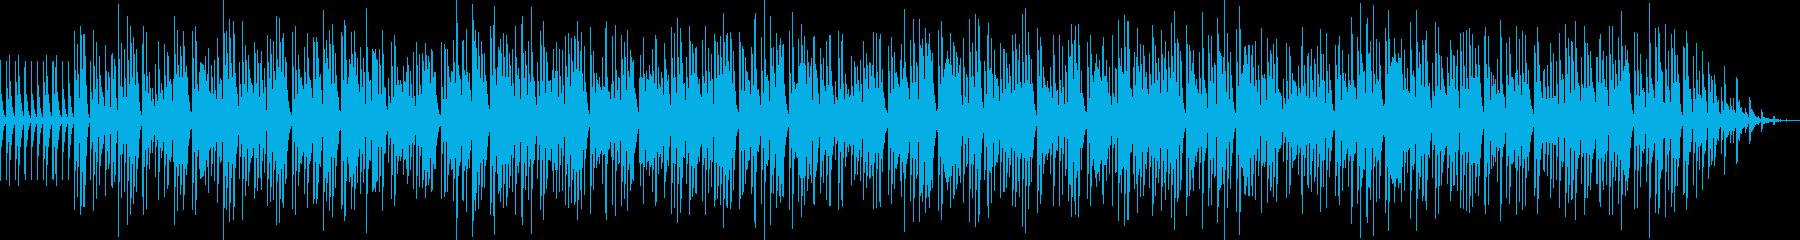 のんびりとした優しいマリンバ音楽の再生済みの波形